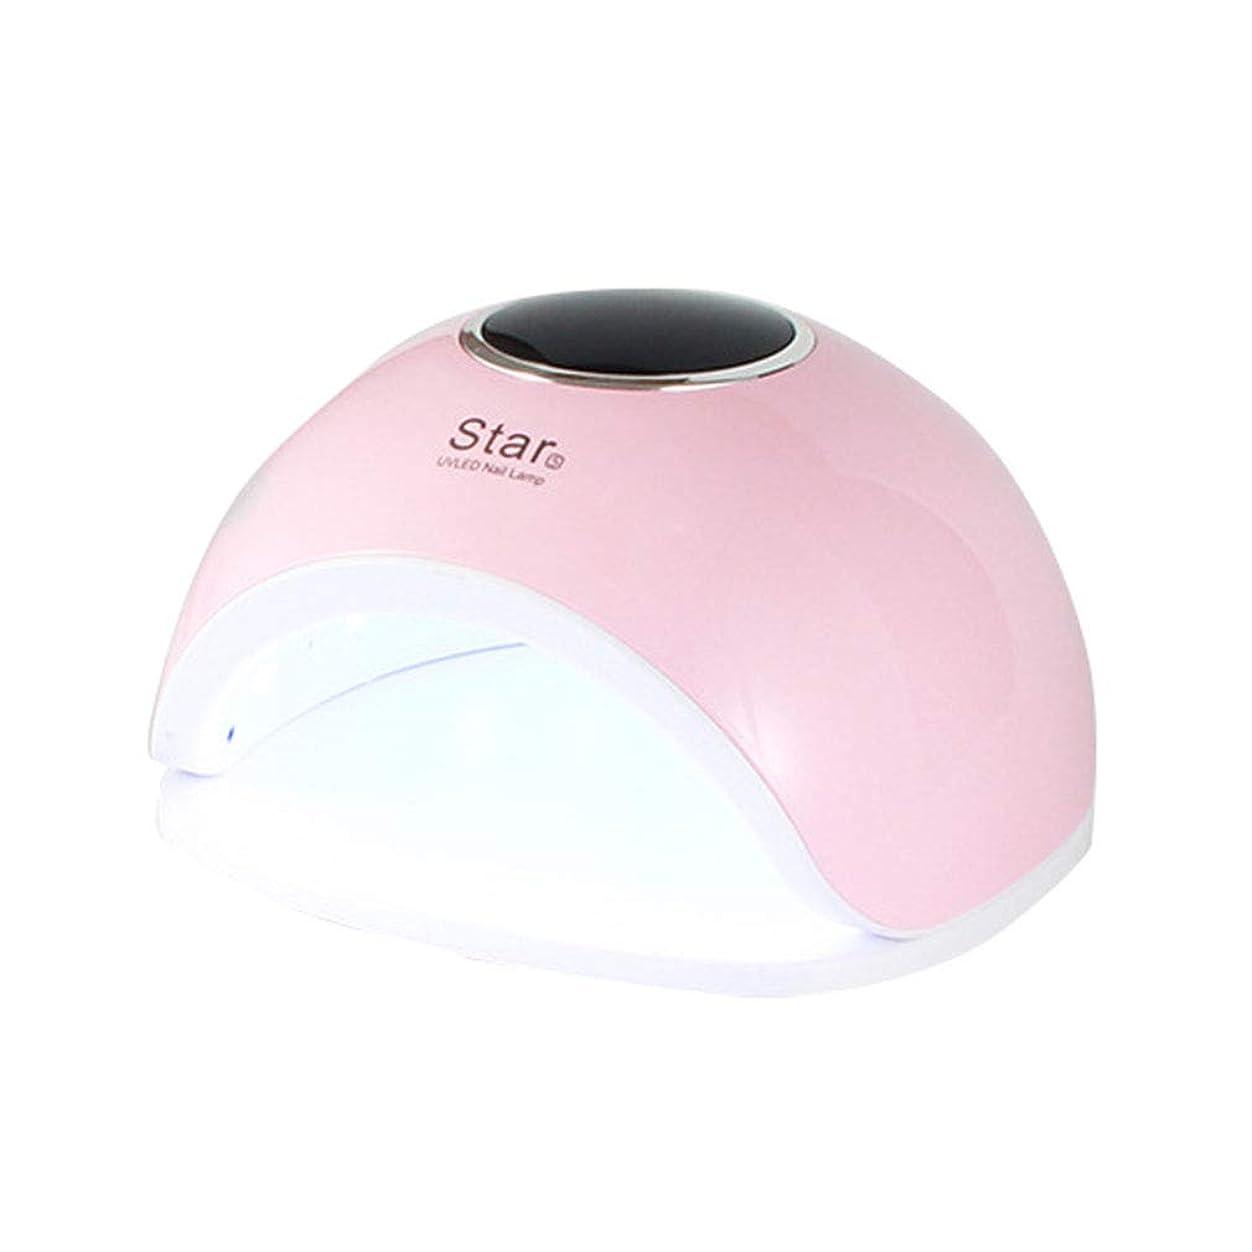 臭い爬虫類ジェット48Wネイルドライヤー、ネイル用ポータブルLED / UVランプ赤外線センサー付きネイルランプおよび10秒/ 30秒/ 60秒/ 99秒タイマーの設定、すべてのジェルに適し、ピンク、ホワイト,Pink